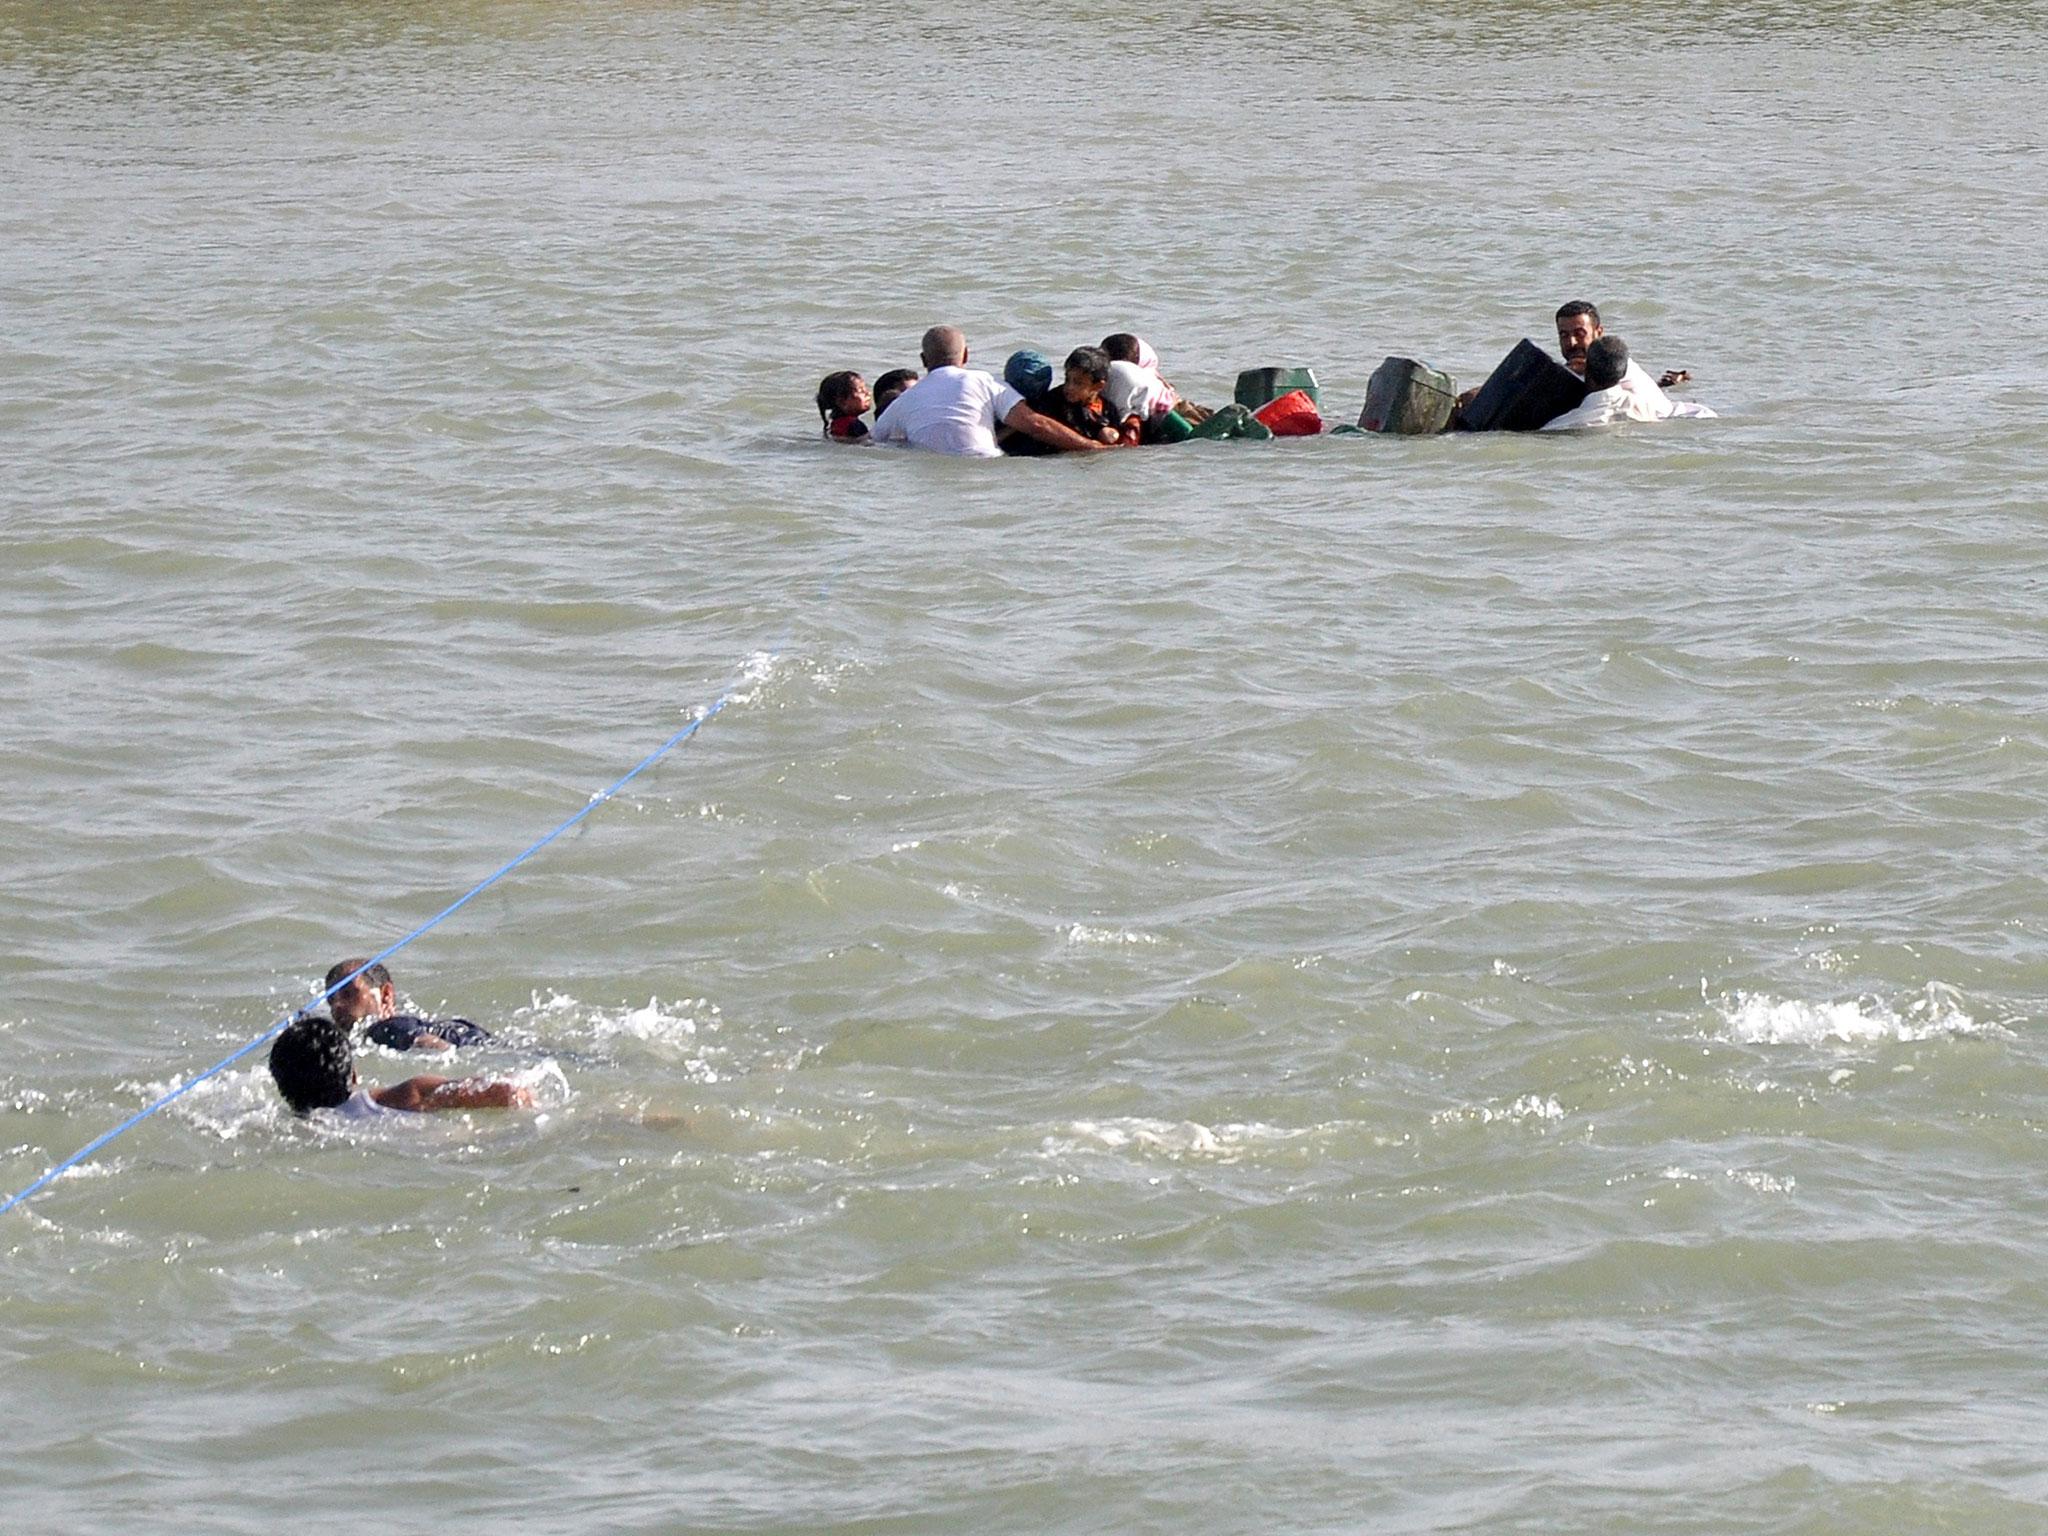 عراقيون من أهالي الفلوجة يسبحون هربًا عبر نهر الفرات .. المصدر: https://static.independent.co.uk/s3fs-public/thumbnails/image/2016/06/05/17/isis-fallujah-euphrates.jpg